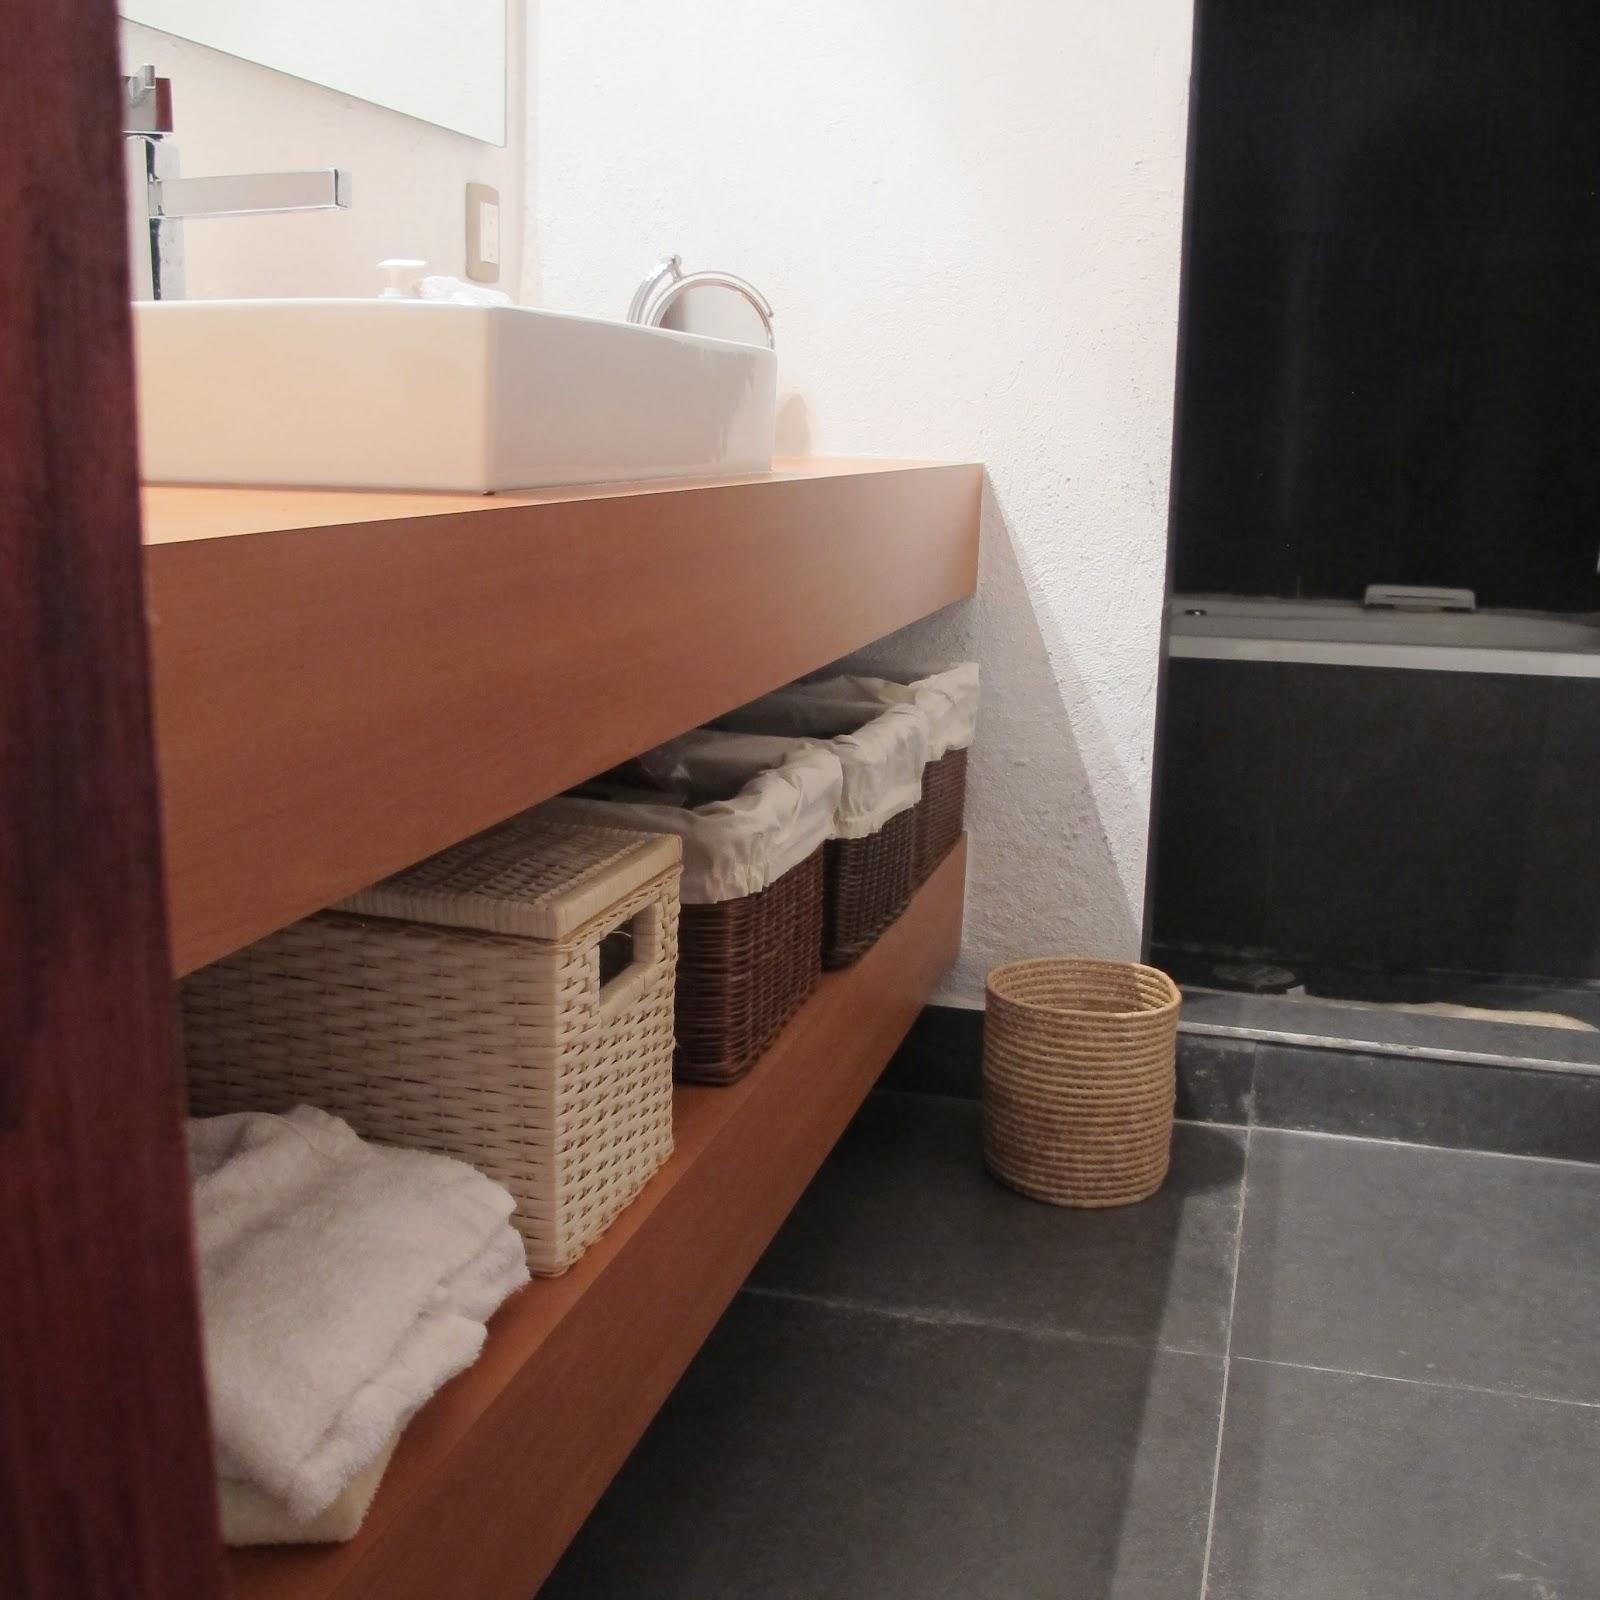 Cubiertas zaragoza bajo lavabo formica for Baldas para bajo lavabo